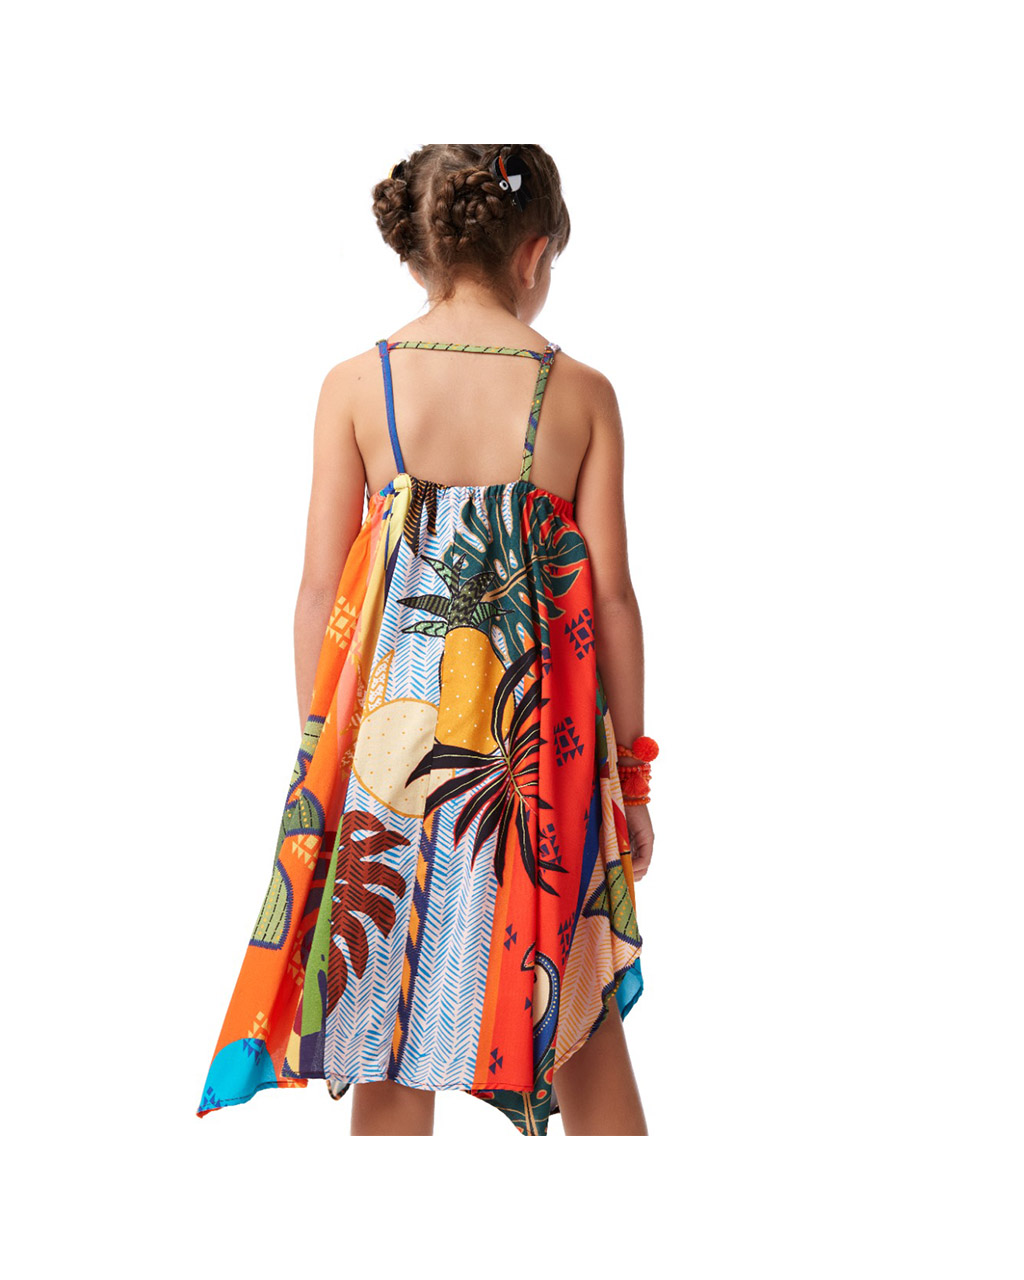 Vestido Infantil Assimetrico Tropical Camu Camu